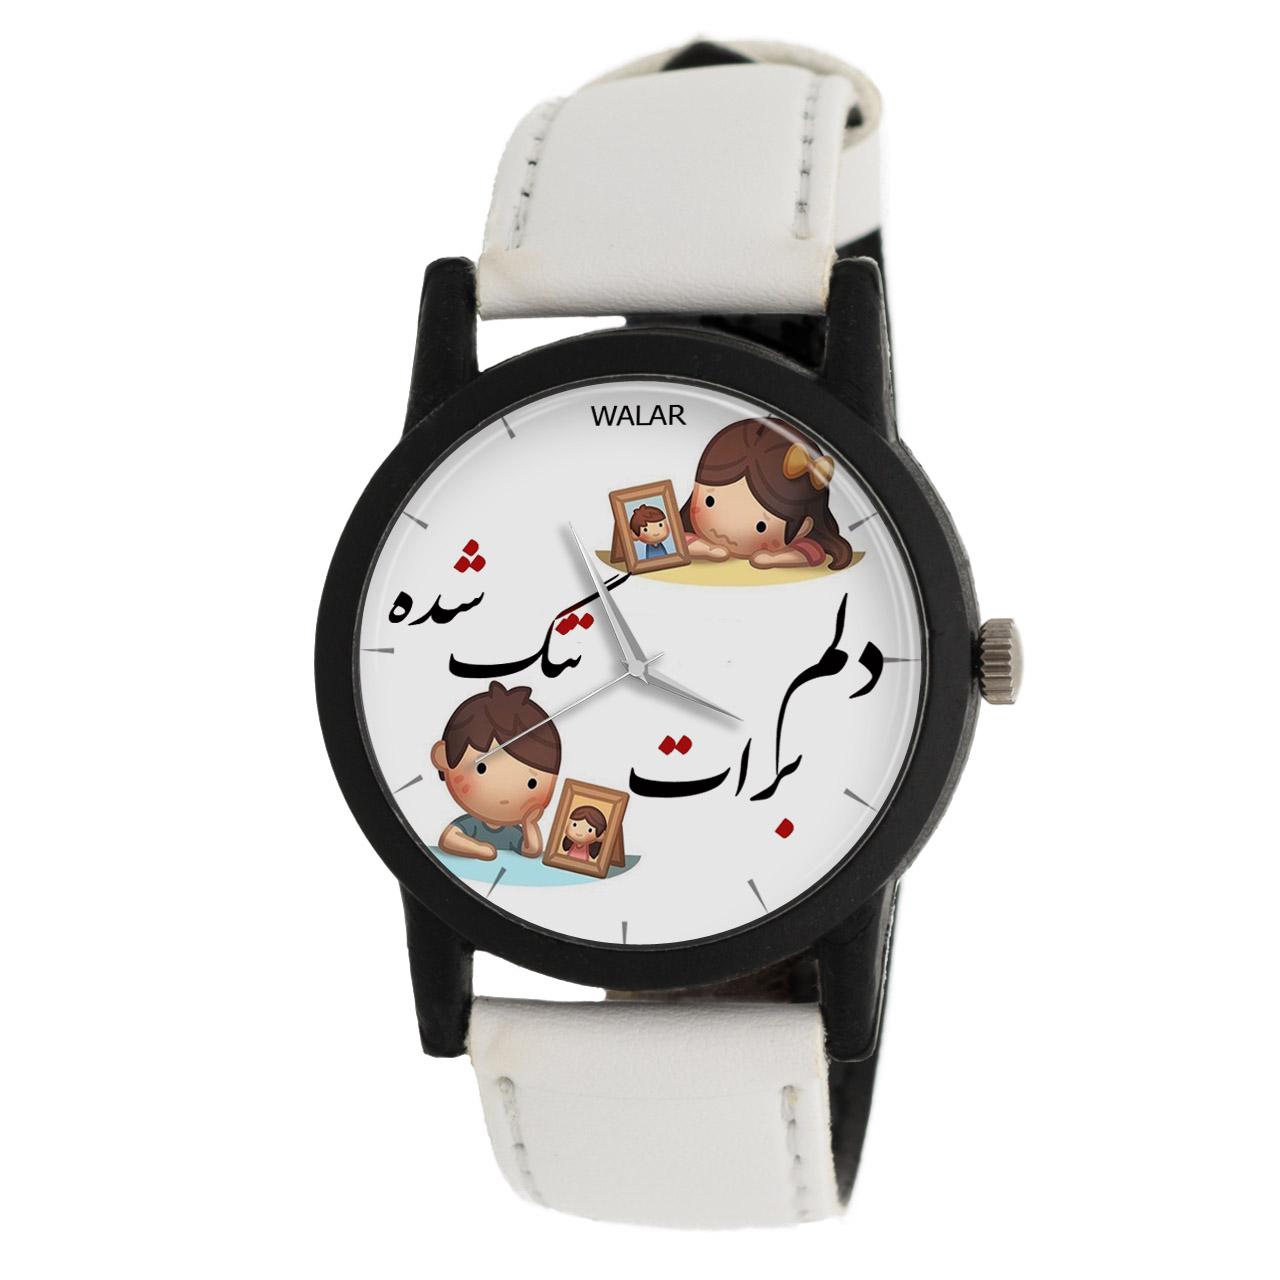 ساعت مچی عقربه ای زنانه والار مدل LF1430